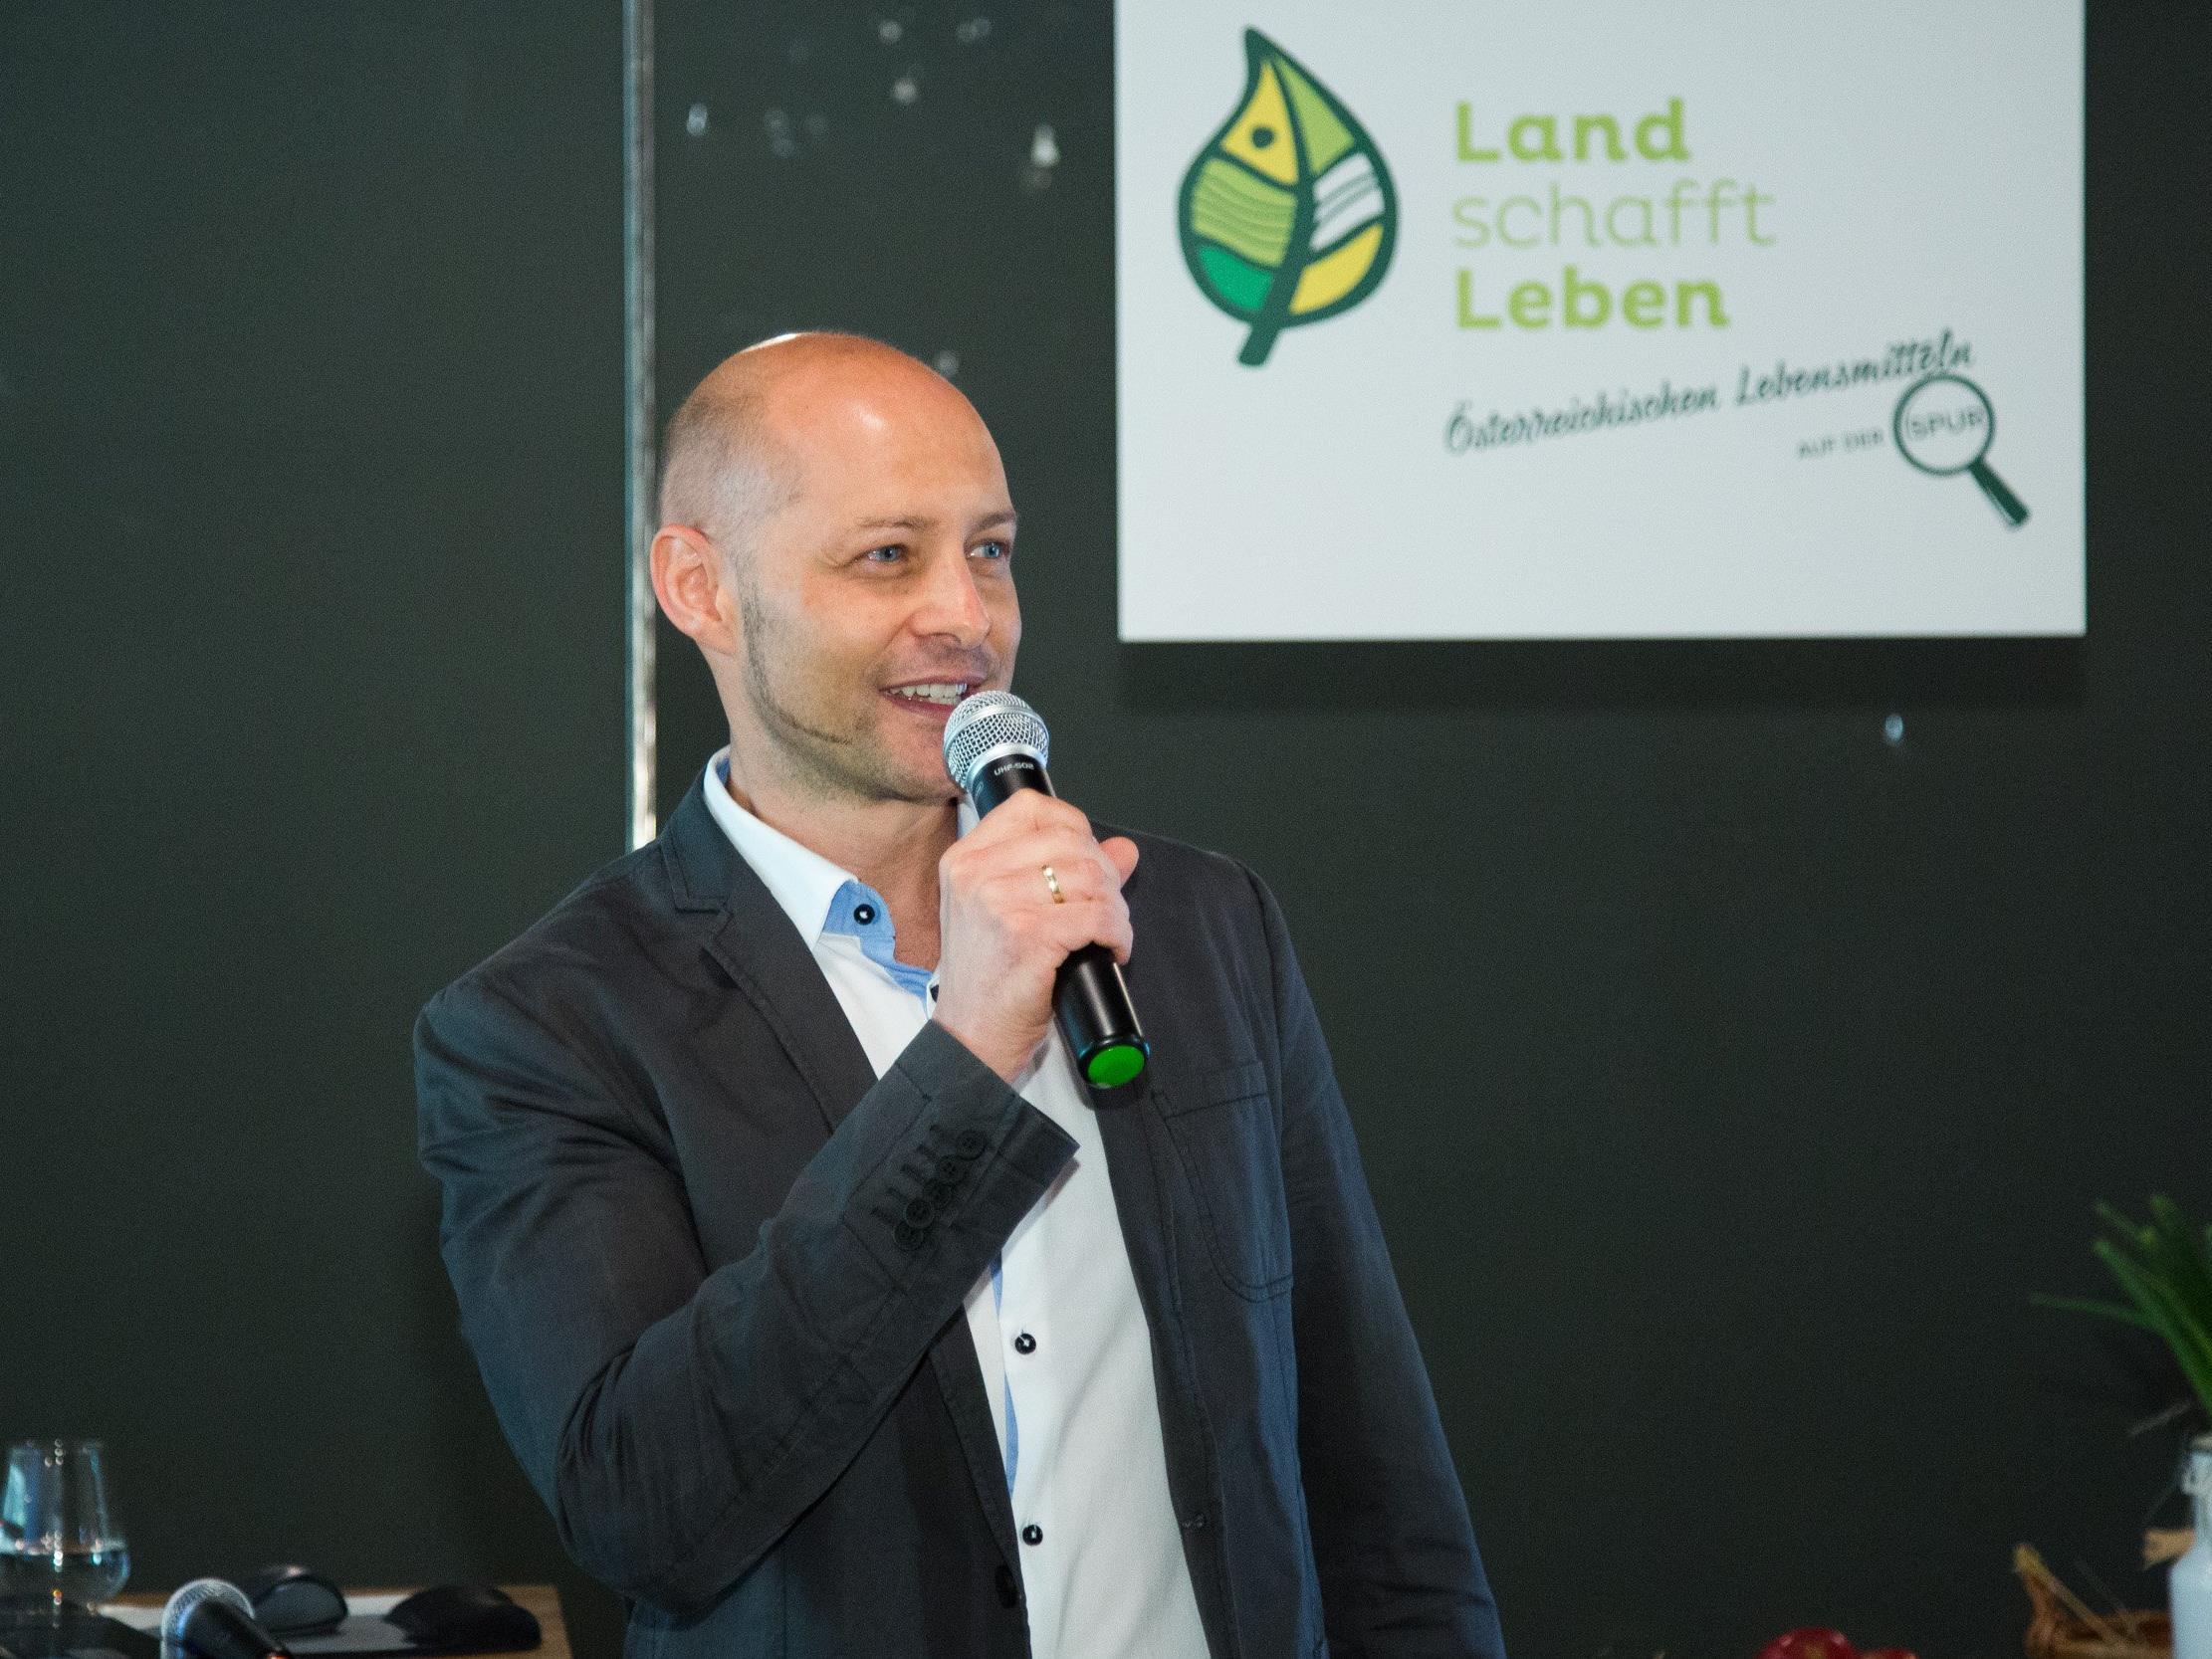 Gesprächspartner & Gründer von Land schafft Leben Hannes Royer bei der ersten Pressekonferenz